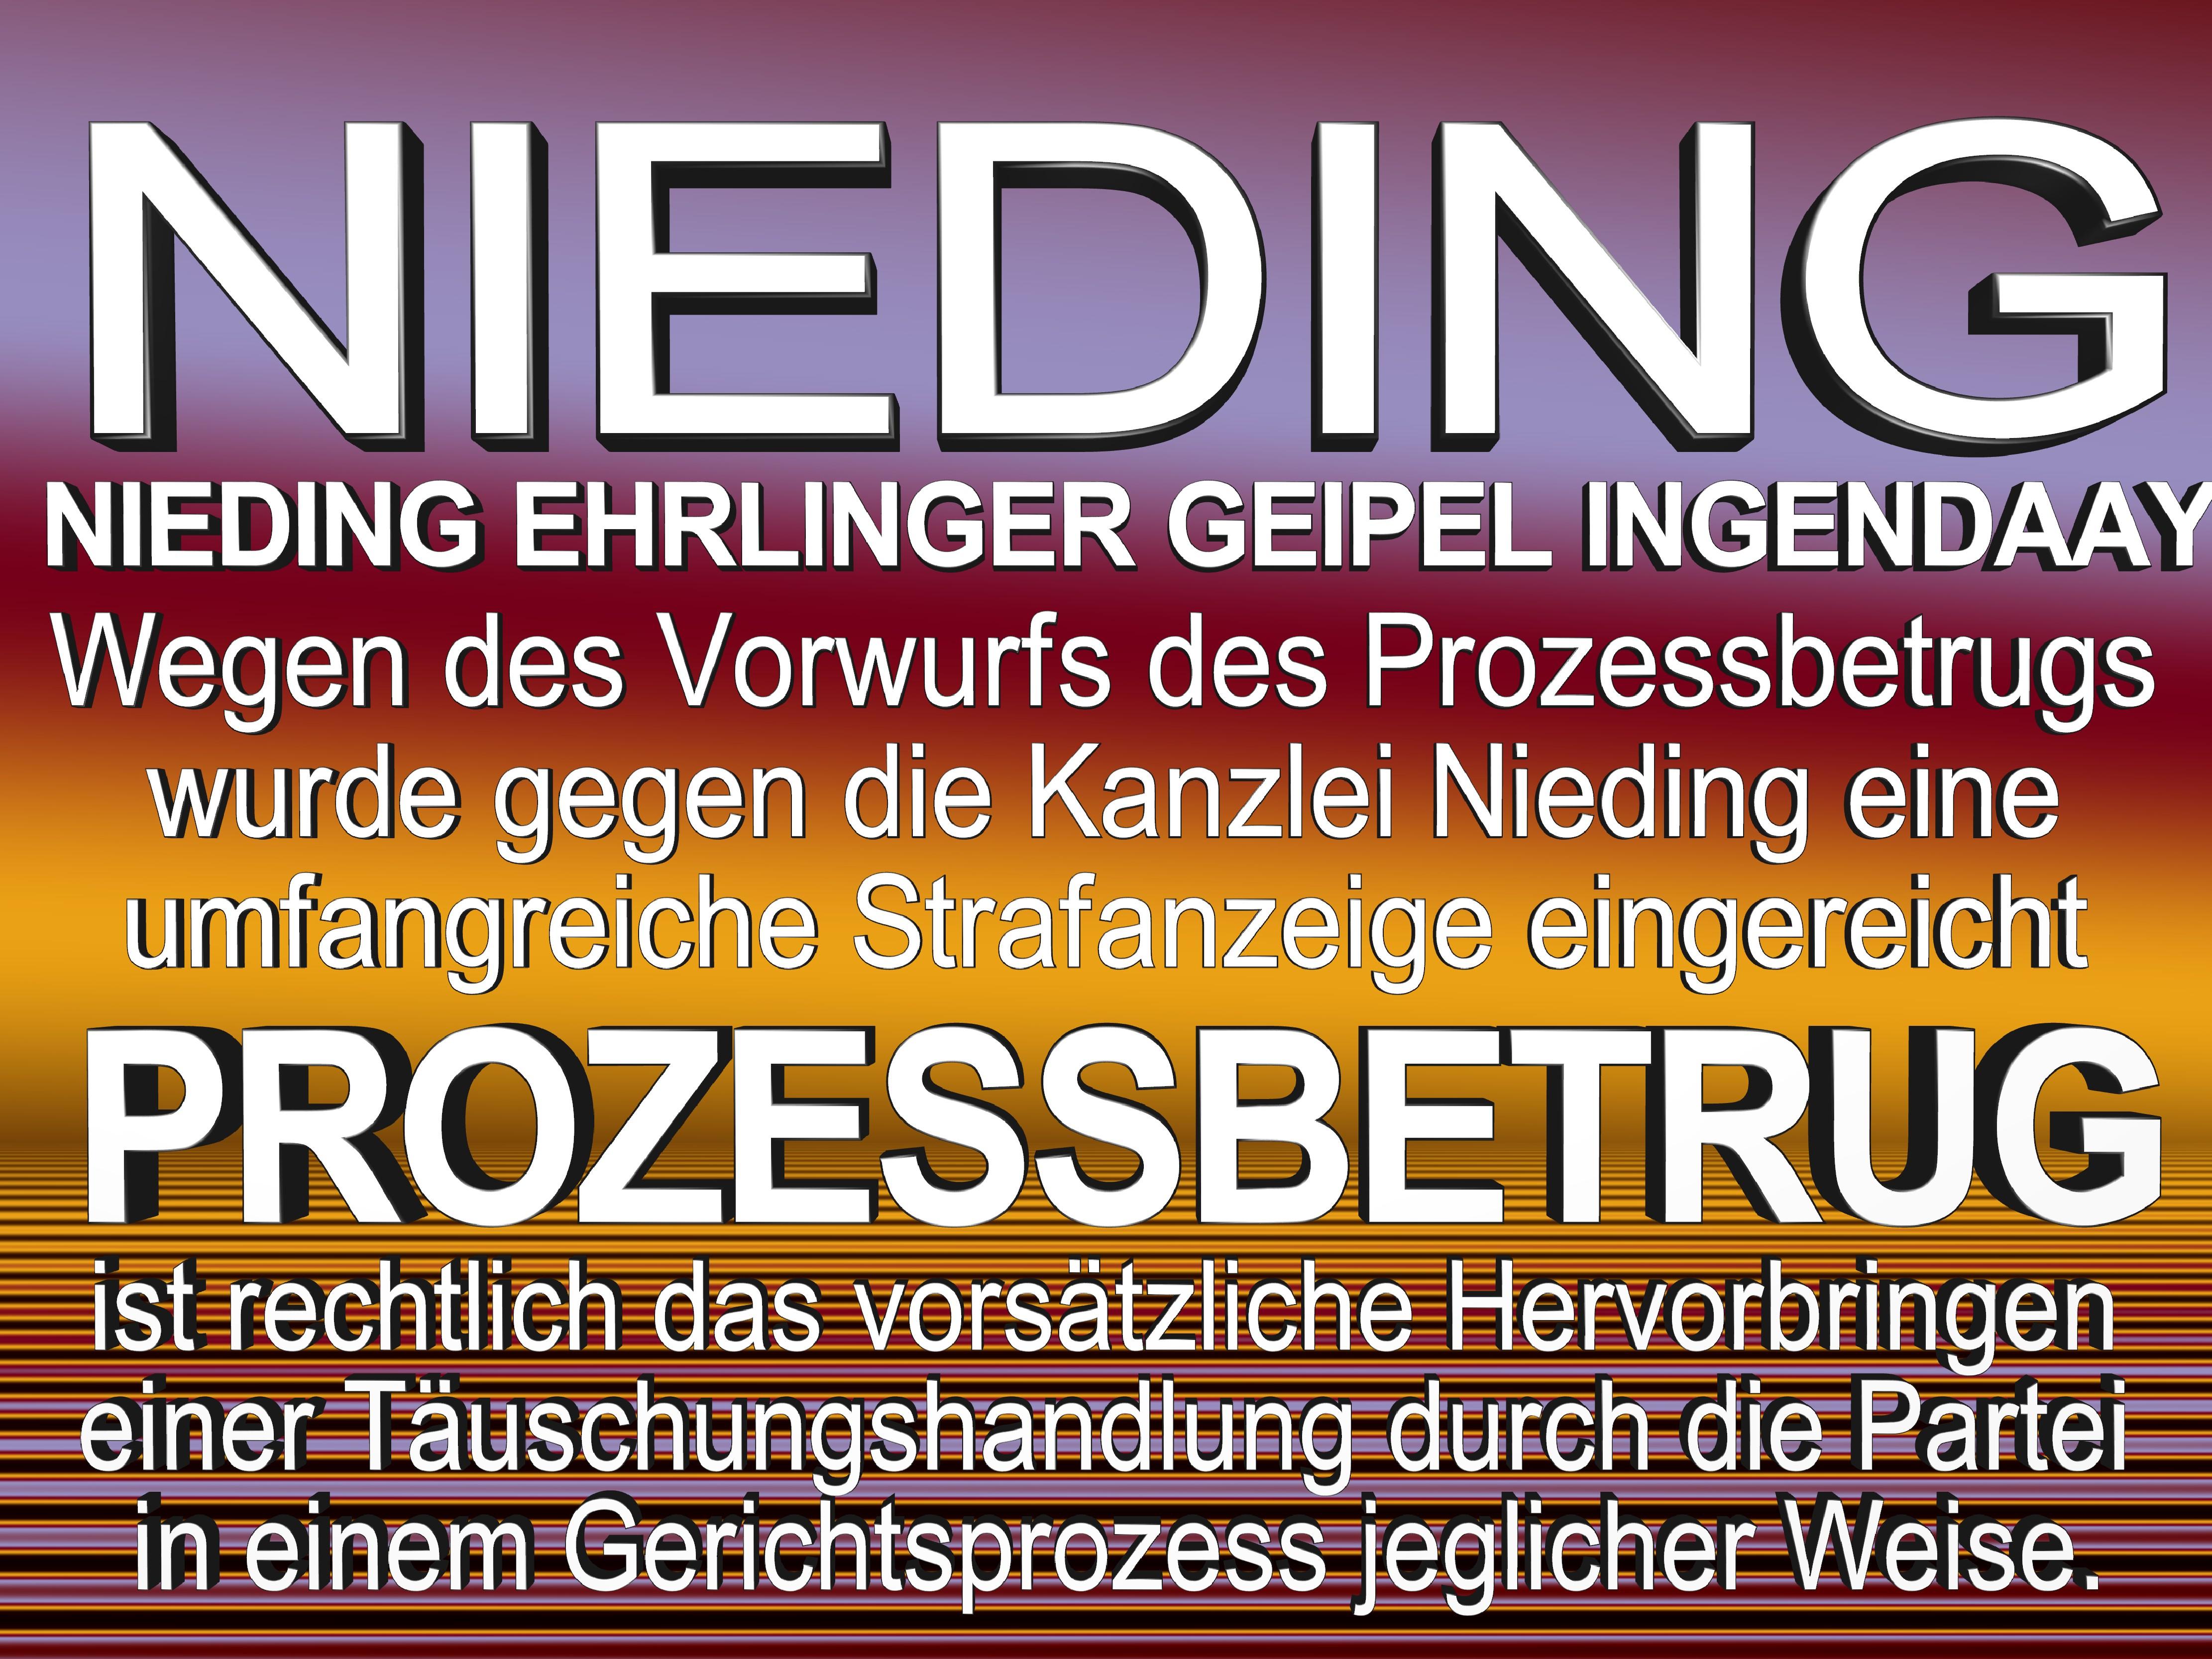 NIEDING EHRLINGER GEIPEL INGENDAAY LELKE Kurfürstendamm 66 Berlin (80)